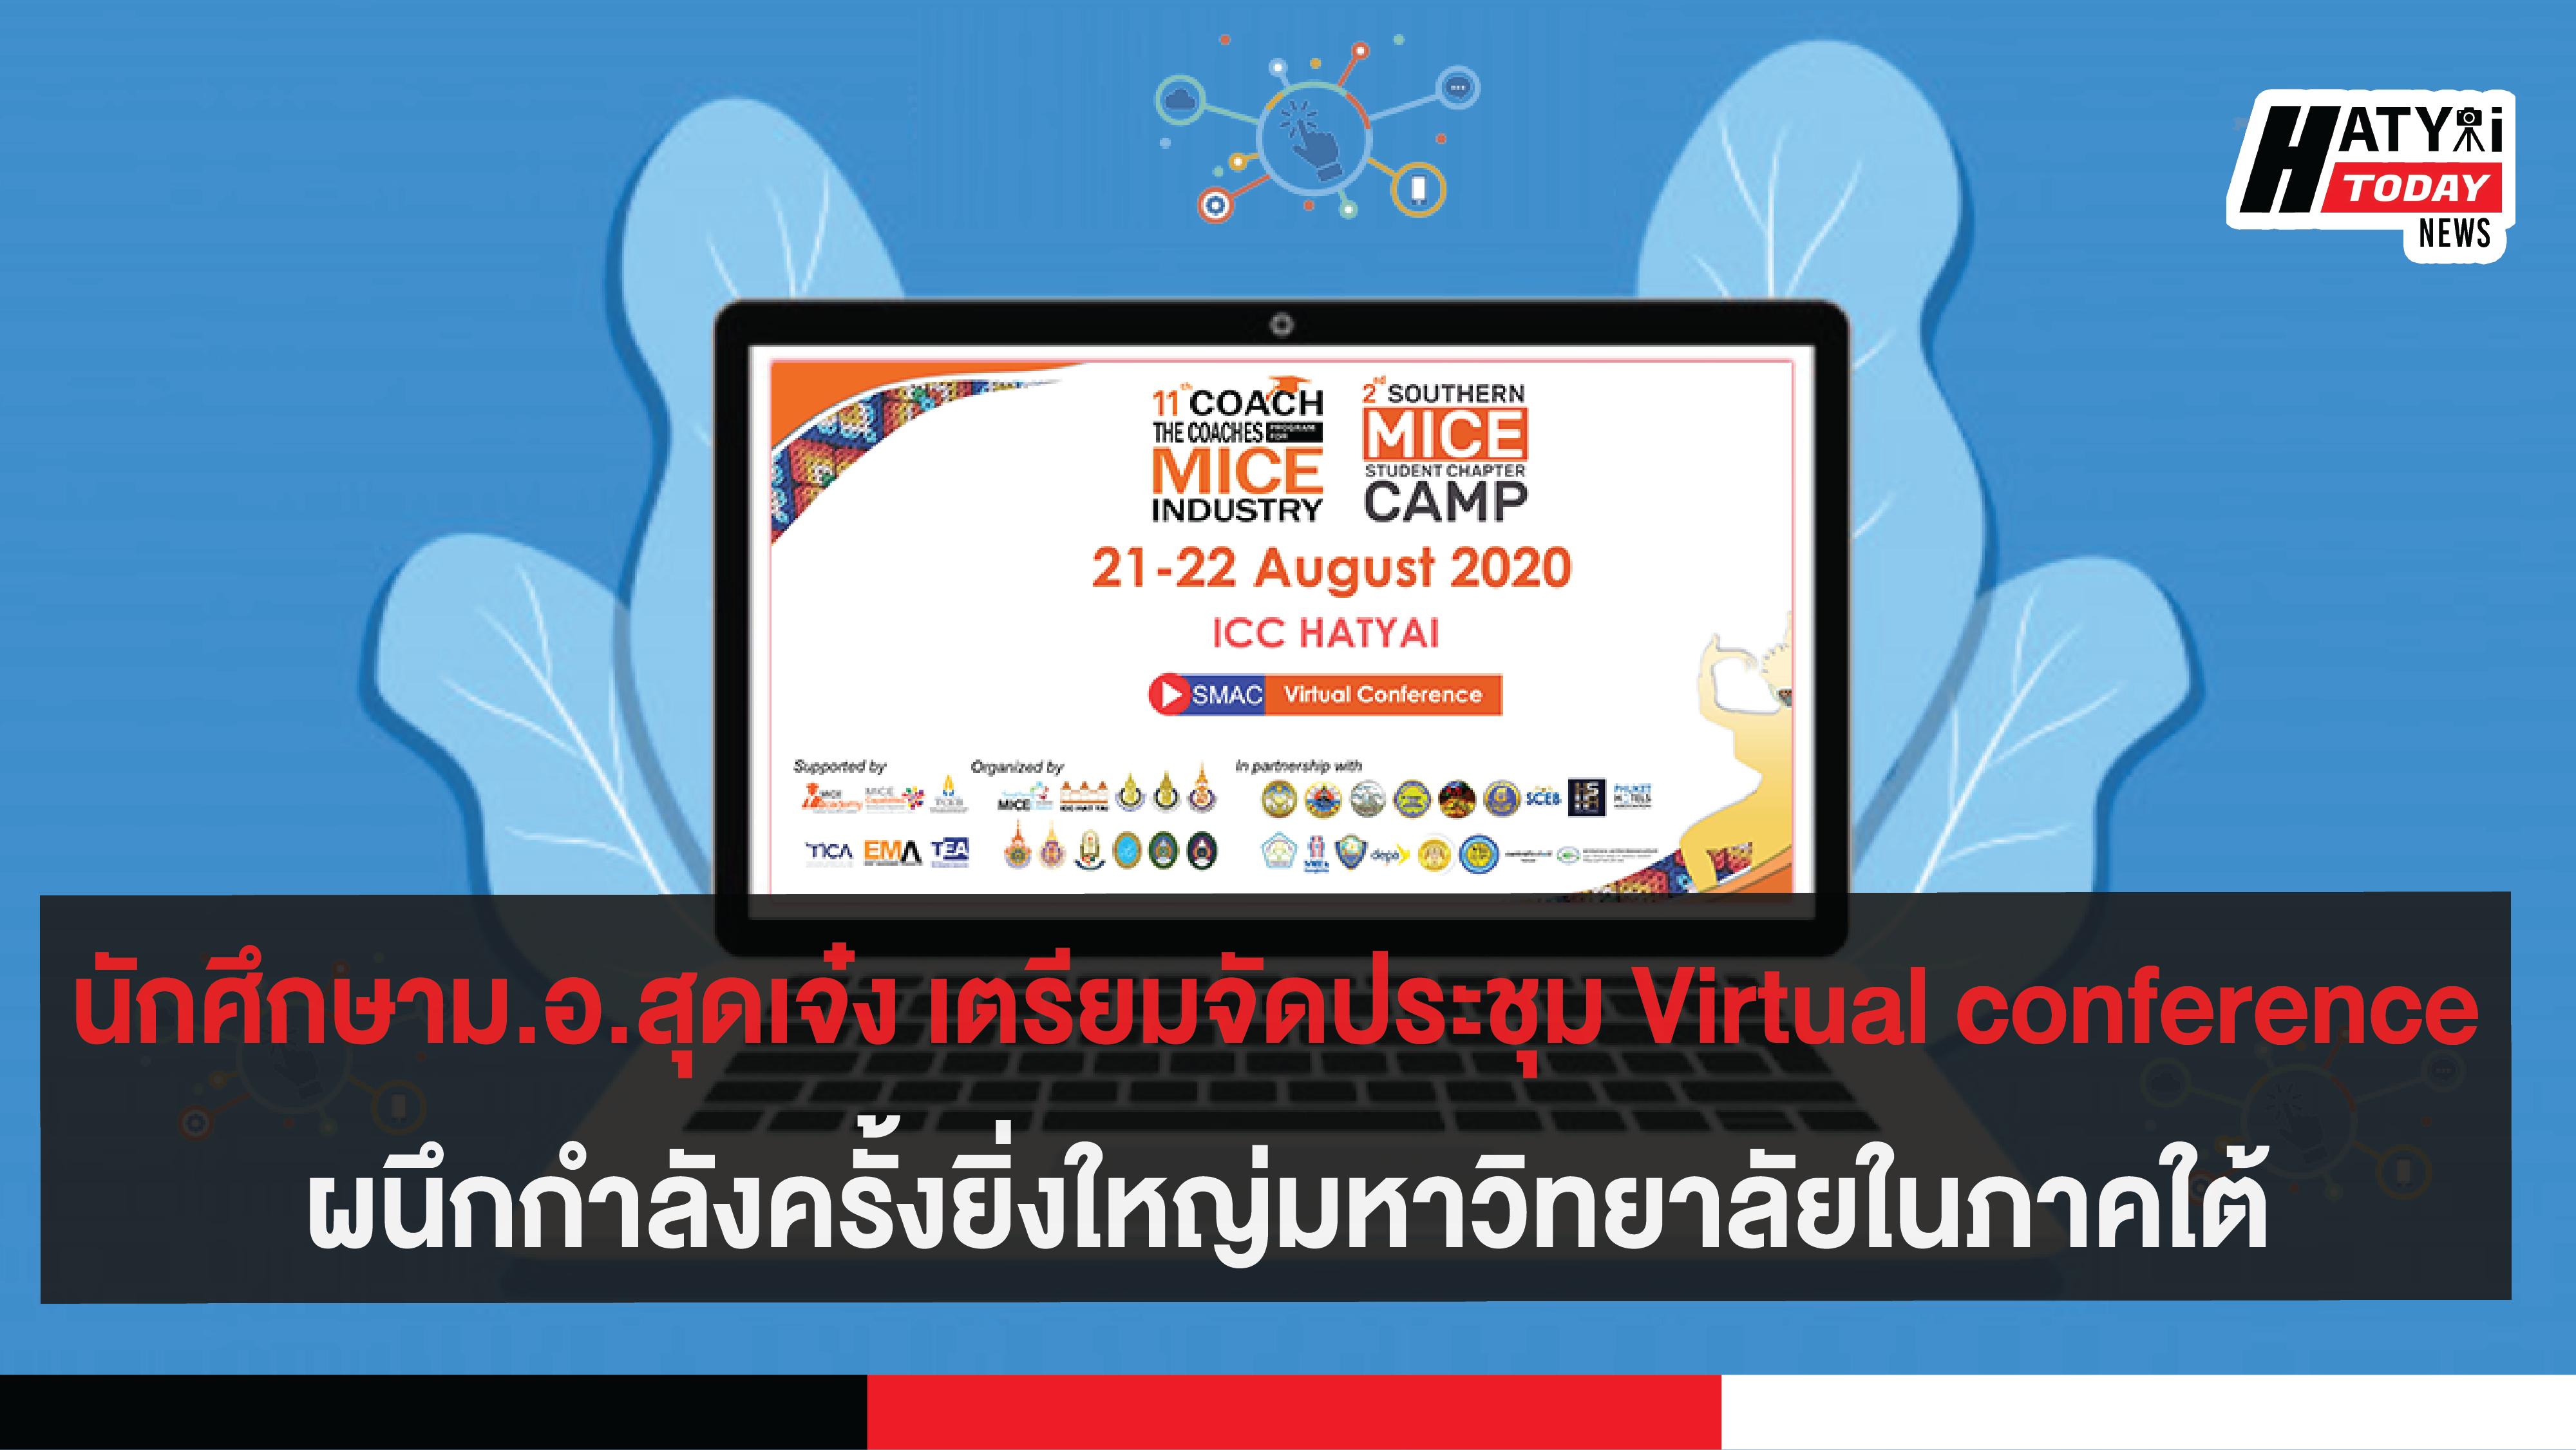 นักศึกษาม.อ.สุดเจ๋ง เตรียมจัดประชุม Virtual conference ผนึกกำลังครั้งยิ่งใหญ่มหาวิทยาลัยในภาคใต้